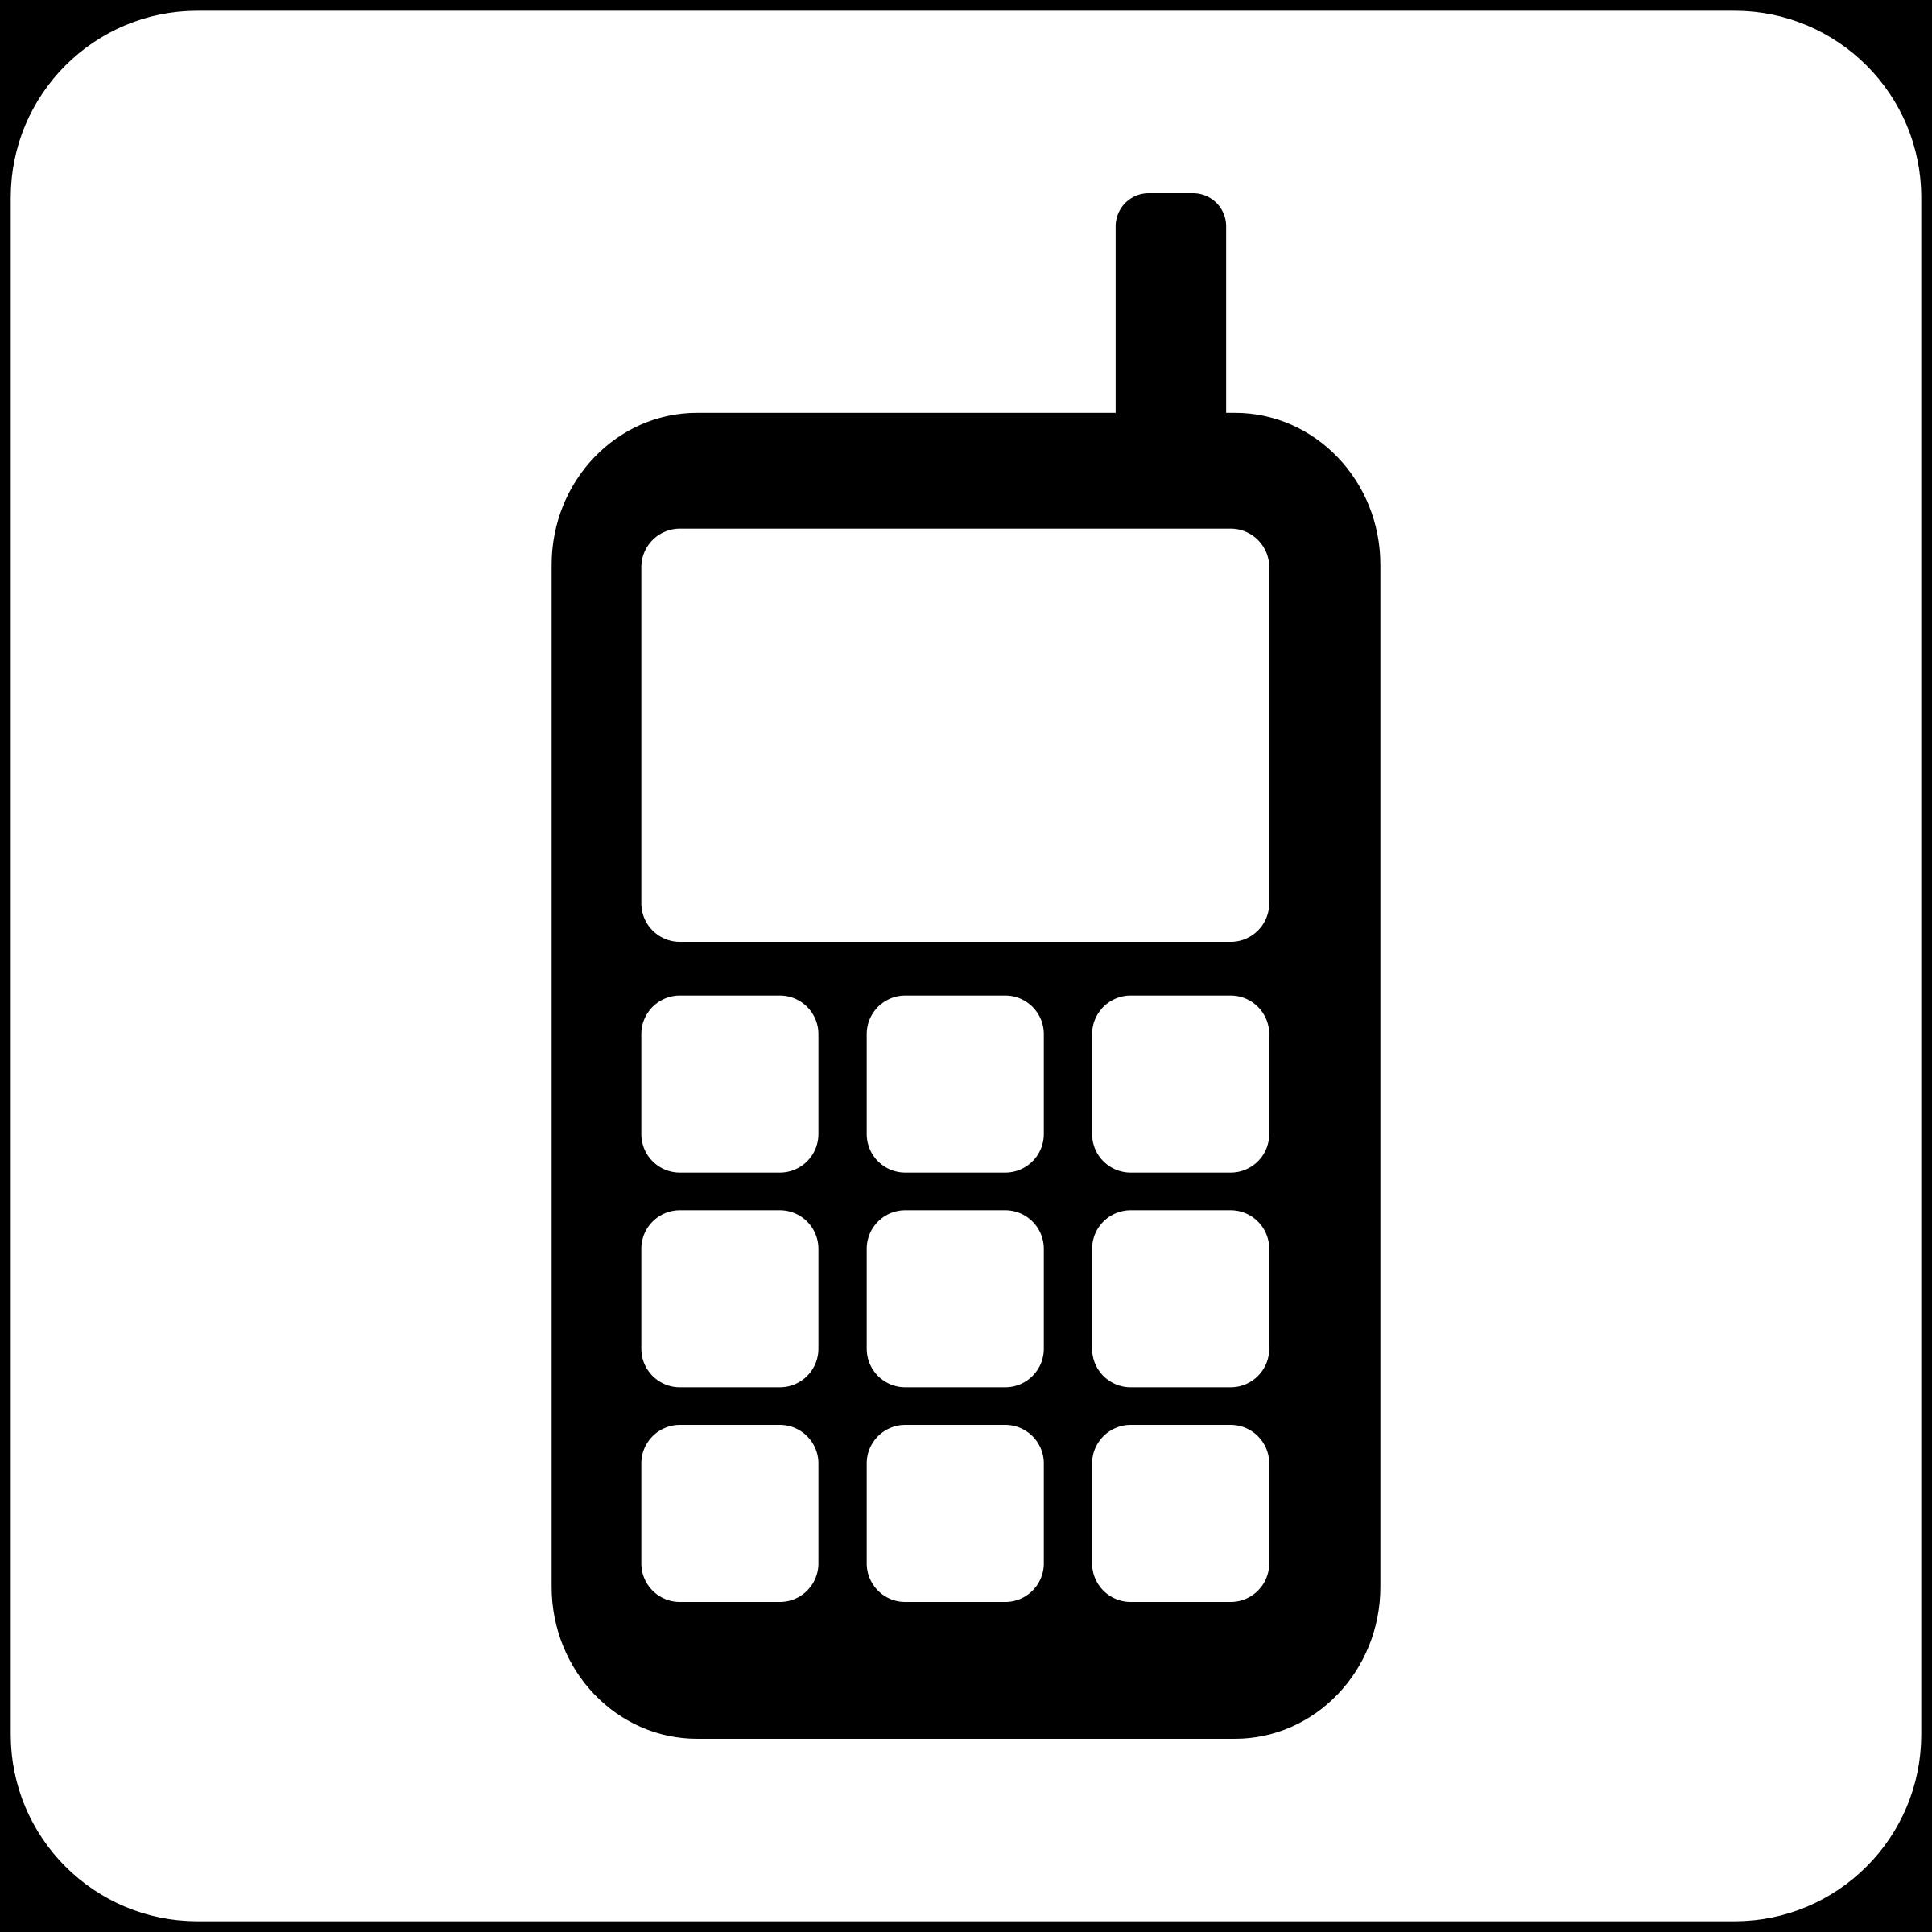 2400x2400 Cellphone Clip Art